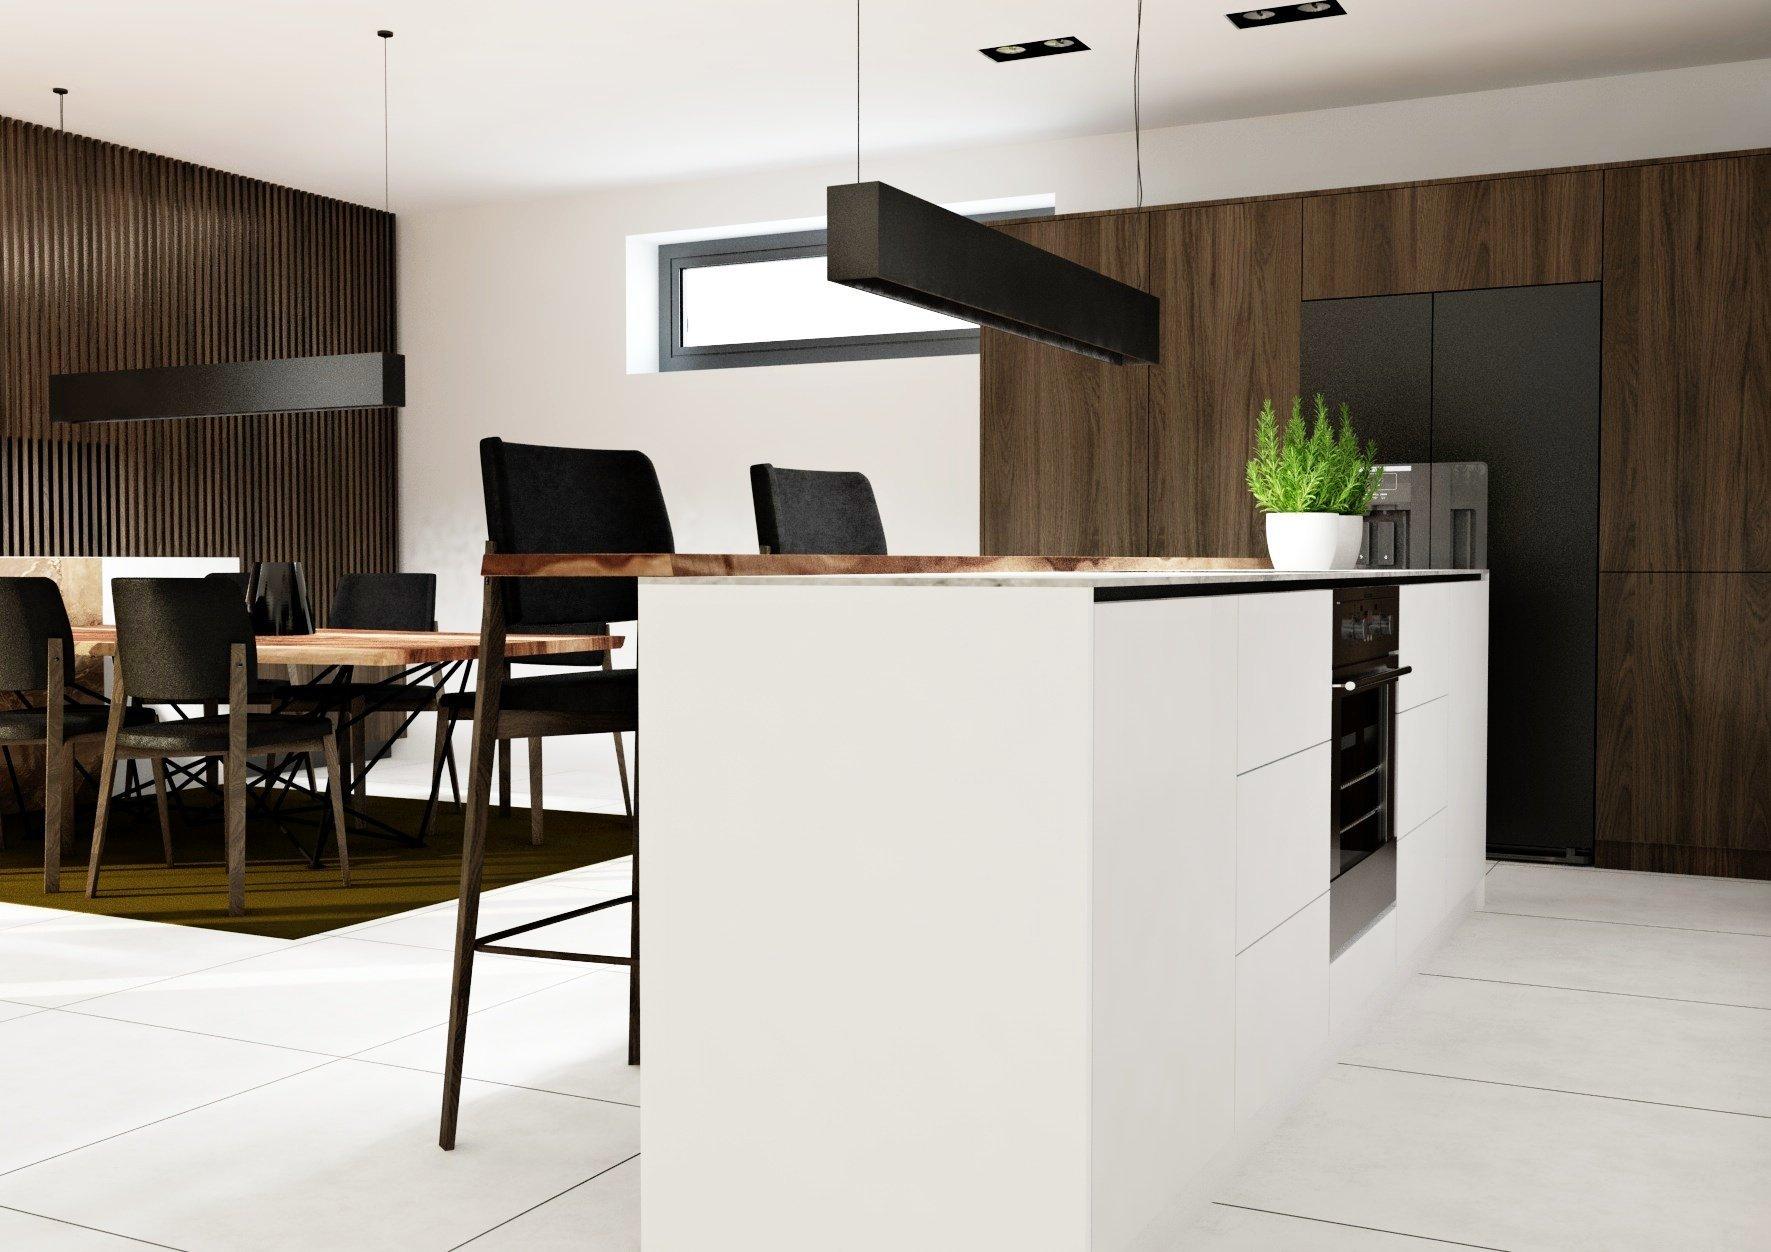 Predstavujeme jedinečný návrh rekonštrukcie interiéru rodinného domu v Senci. Návrh sa nesie v duchu elegancie farieb, kvalitných materiálov a luxusného dreva.…